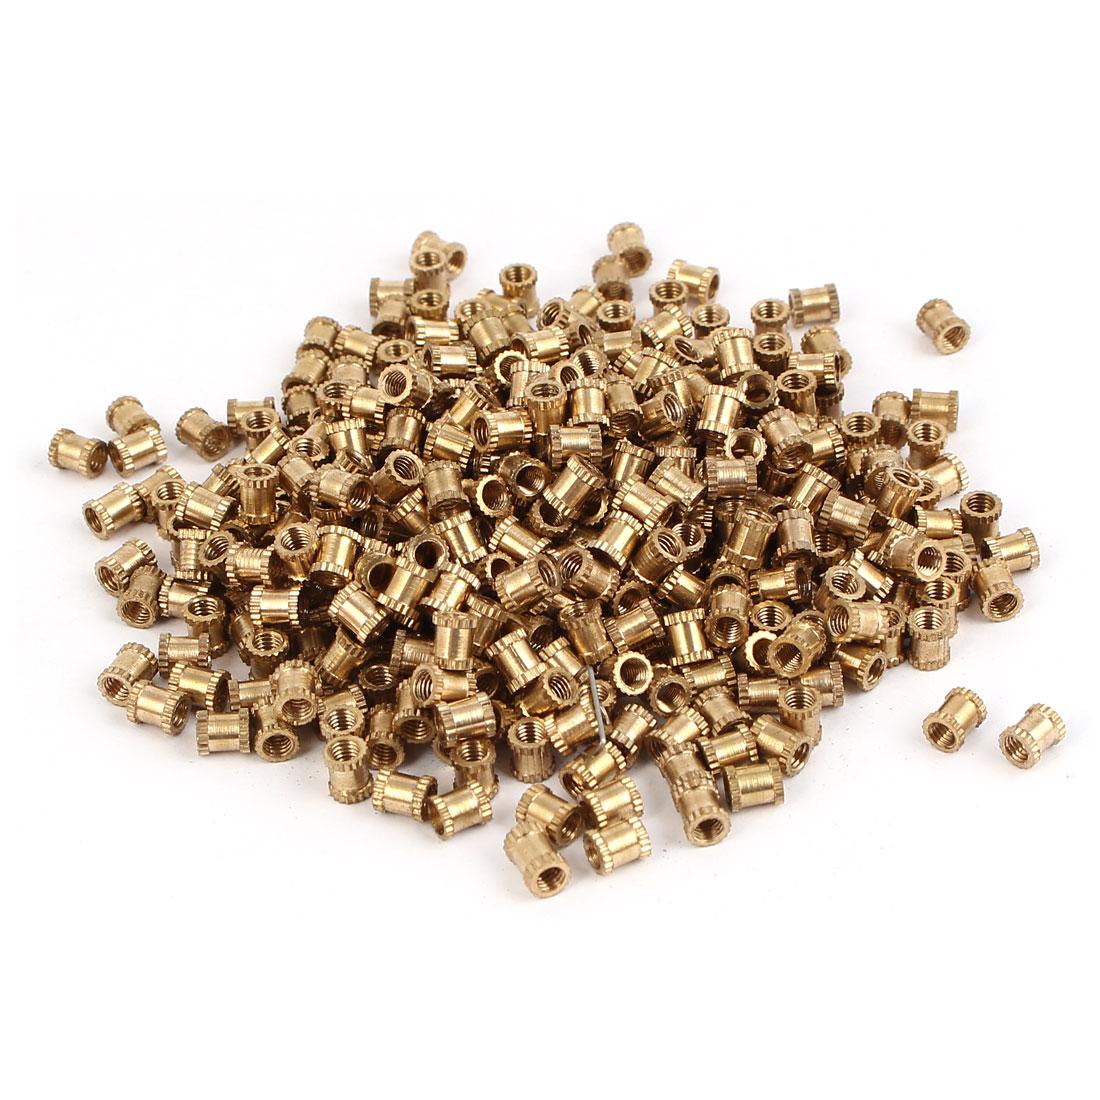 M3 x 5mm Female Thread Brass Knurled Threaded Insert Embedment Nuts 500PCS